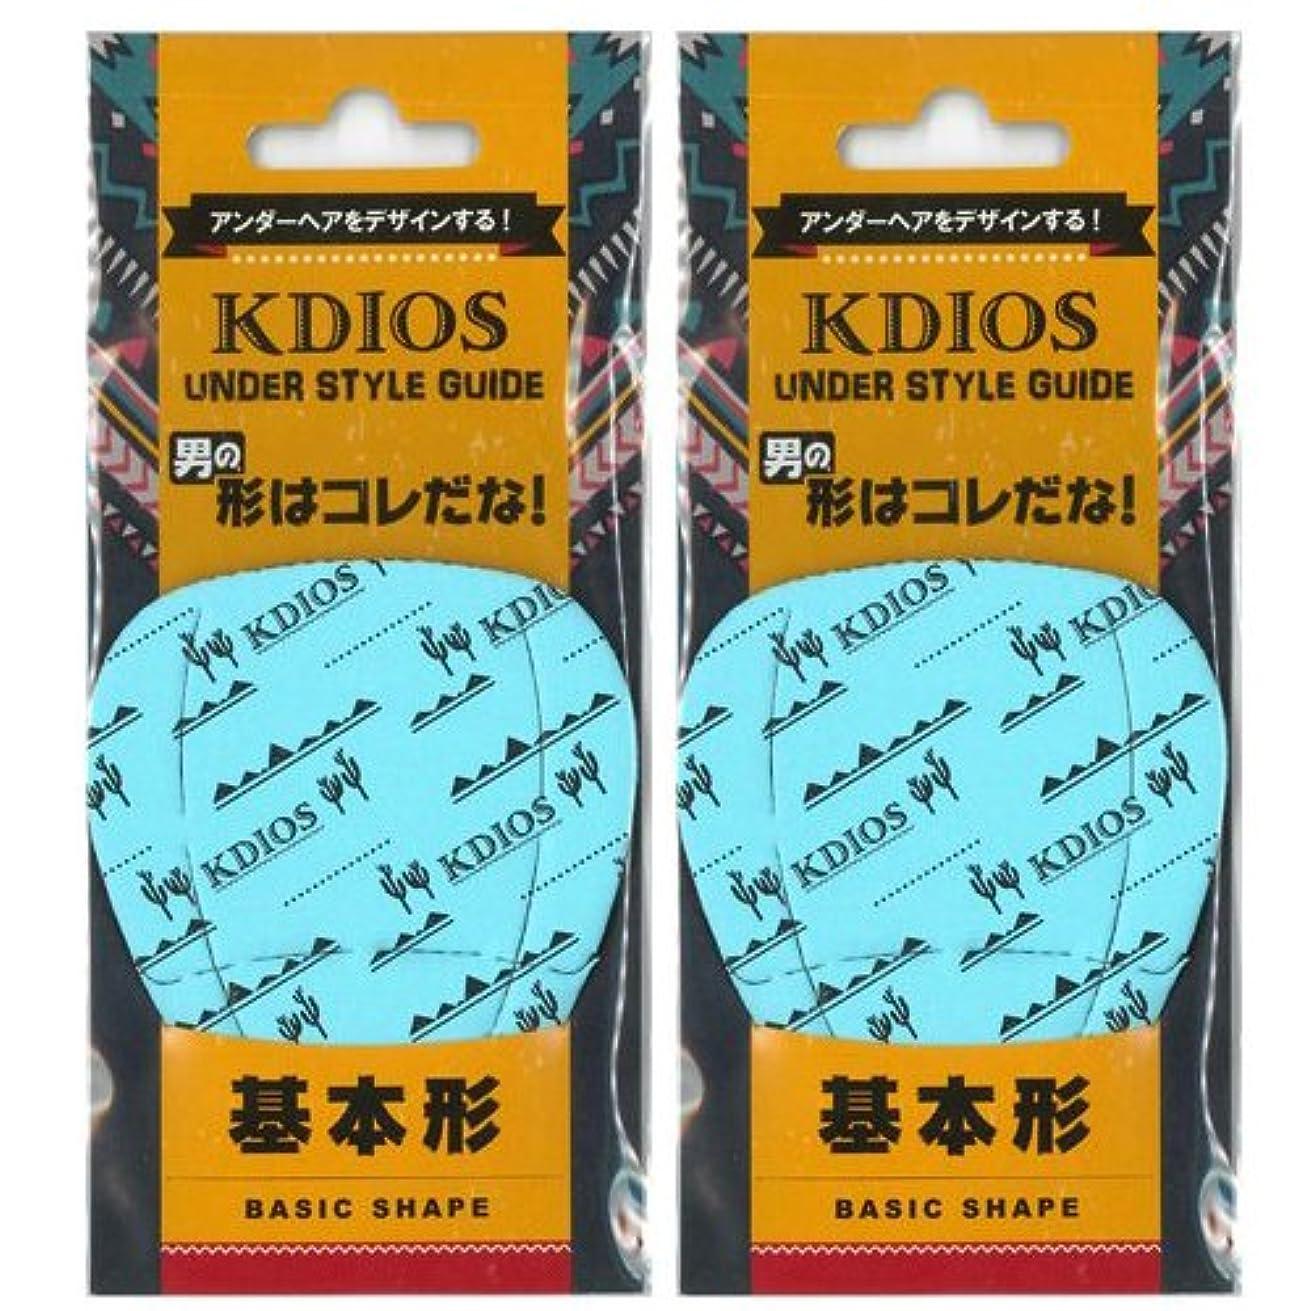 アブセイおっと規則性KDIOS(ケディオス) アンダースタイルガイド 「基本形」 FOR MEN ×2個セット